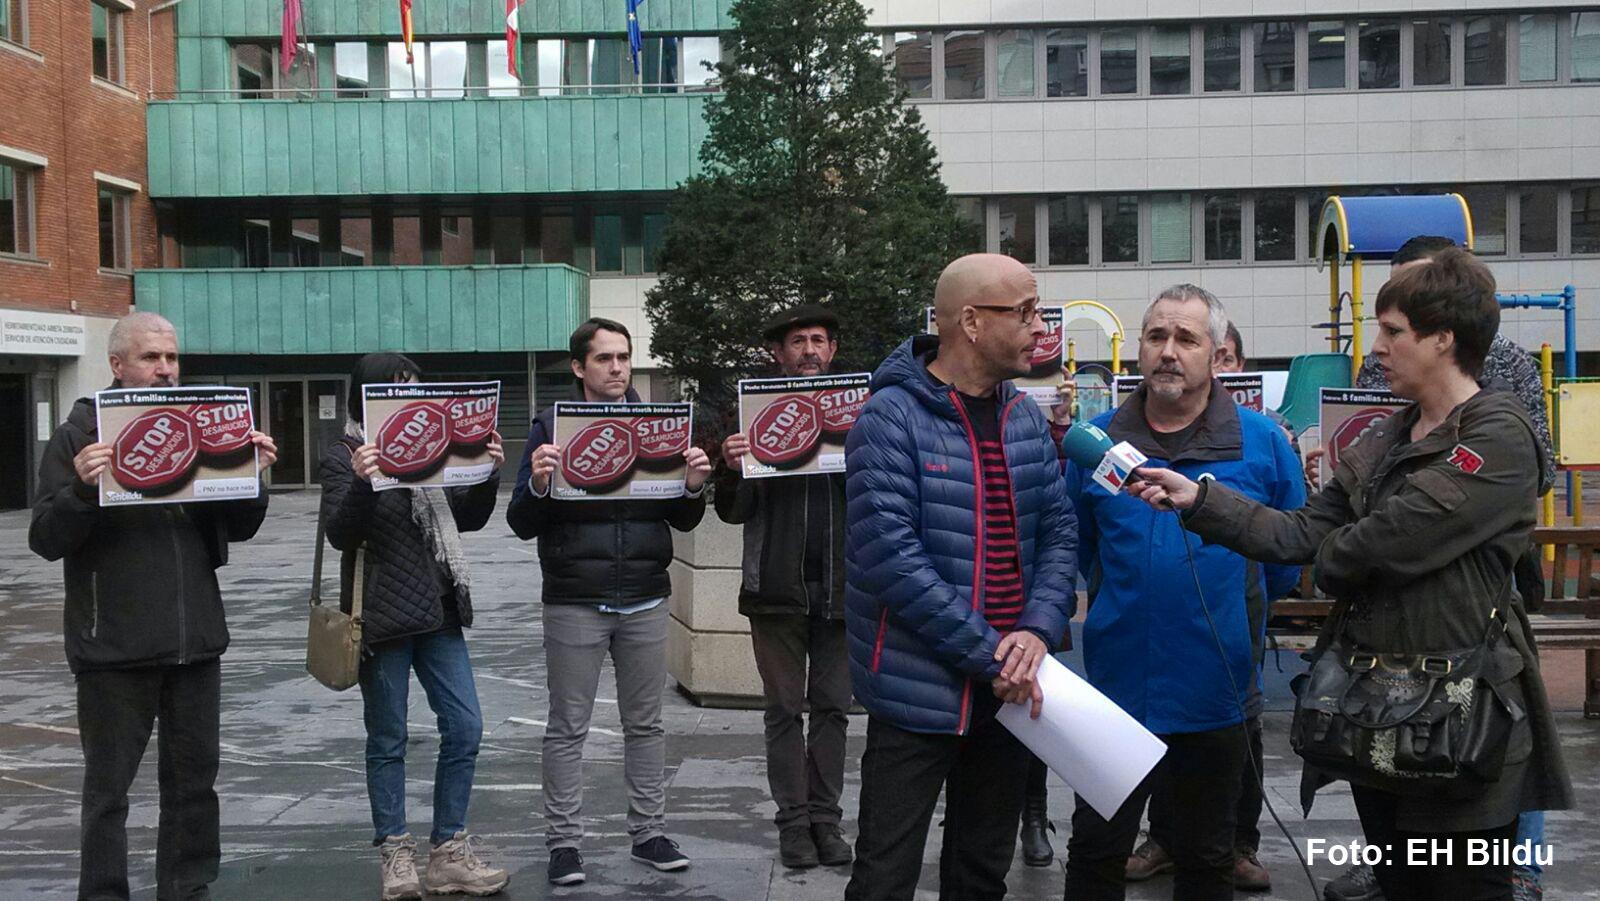 Acto de EH Bildu contra los desahucios